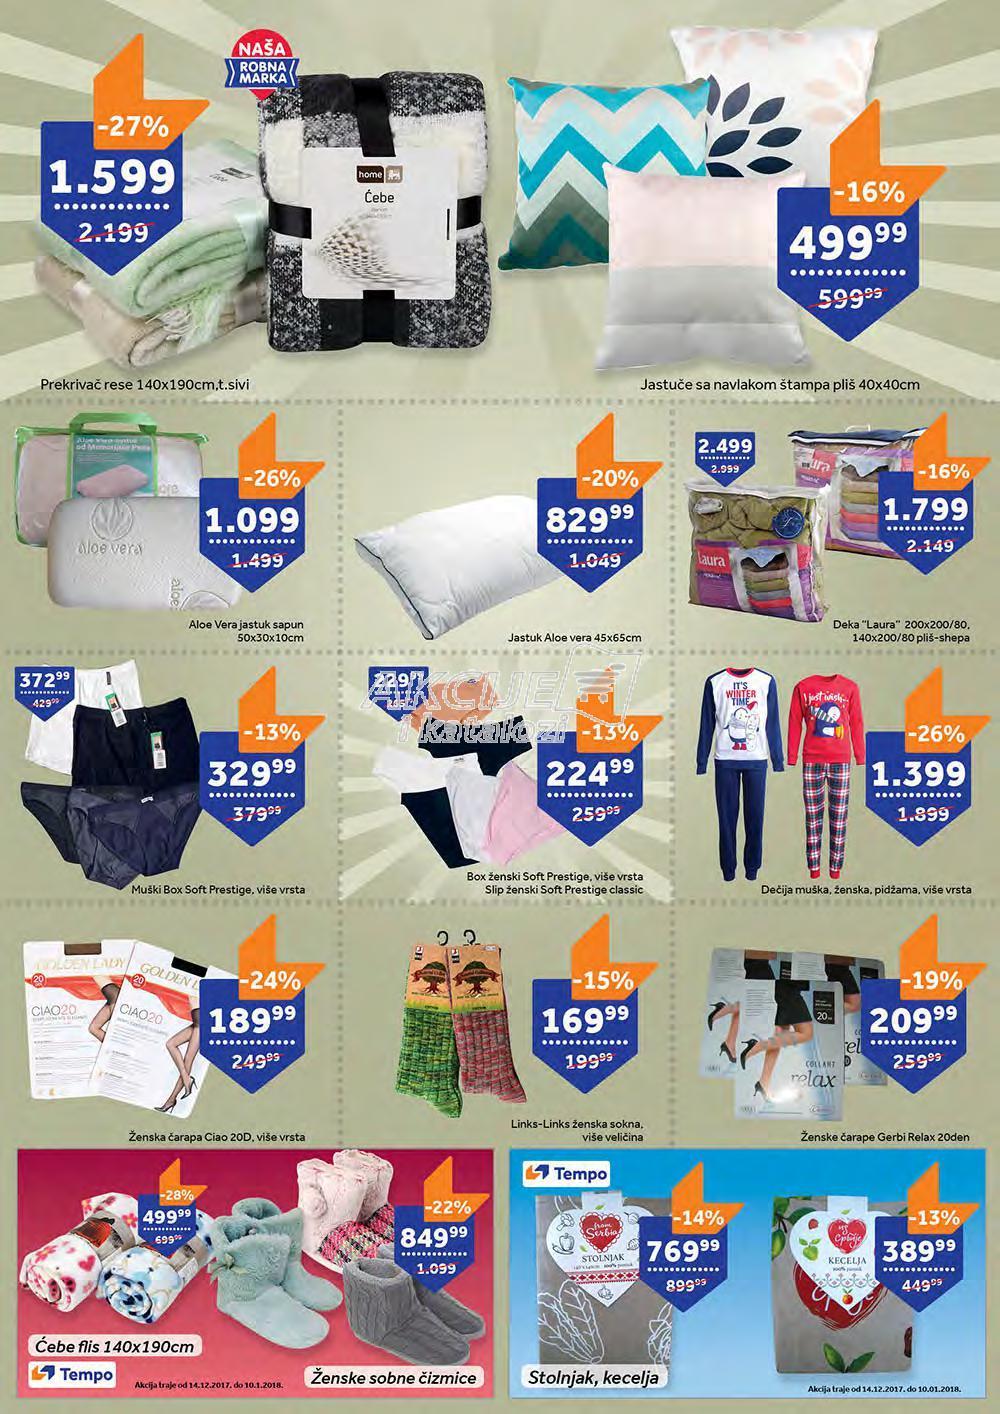 Tempo akcija novogodišnje kupovine